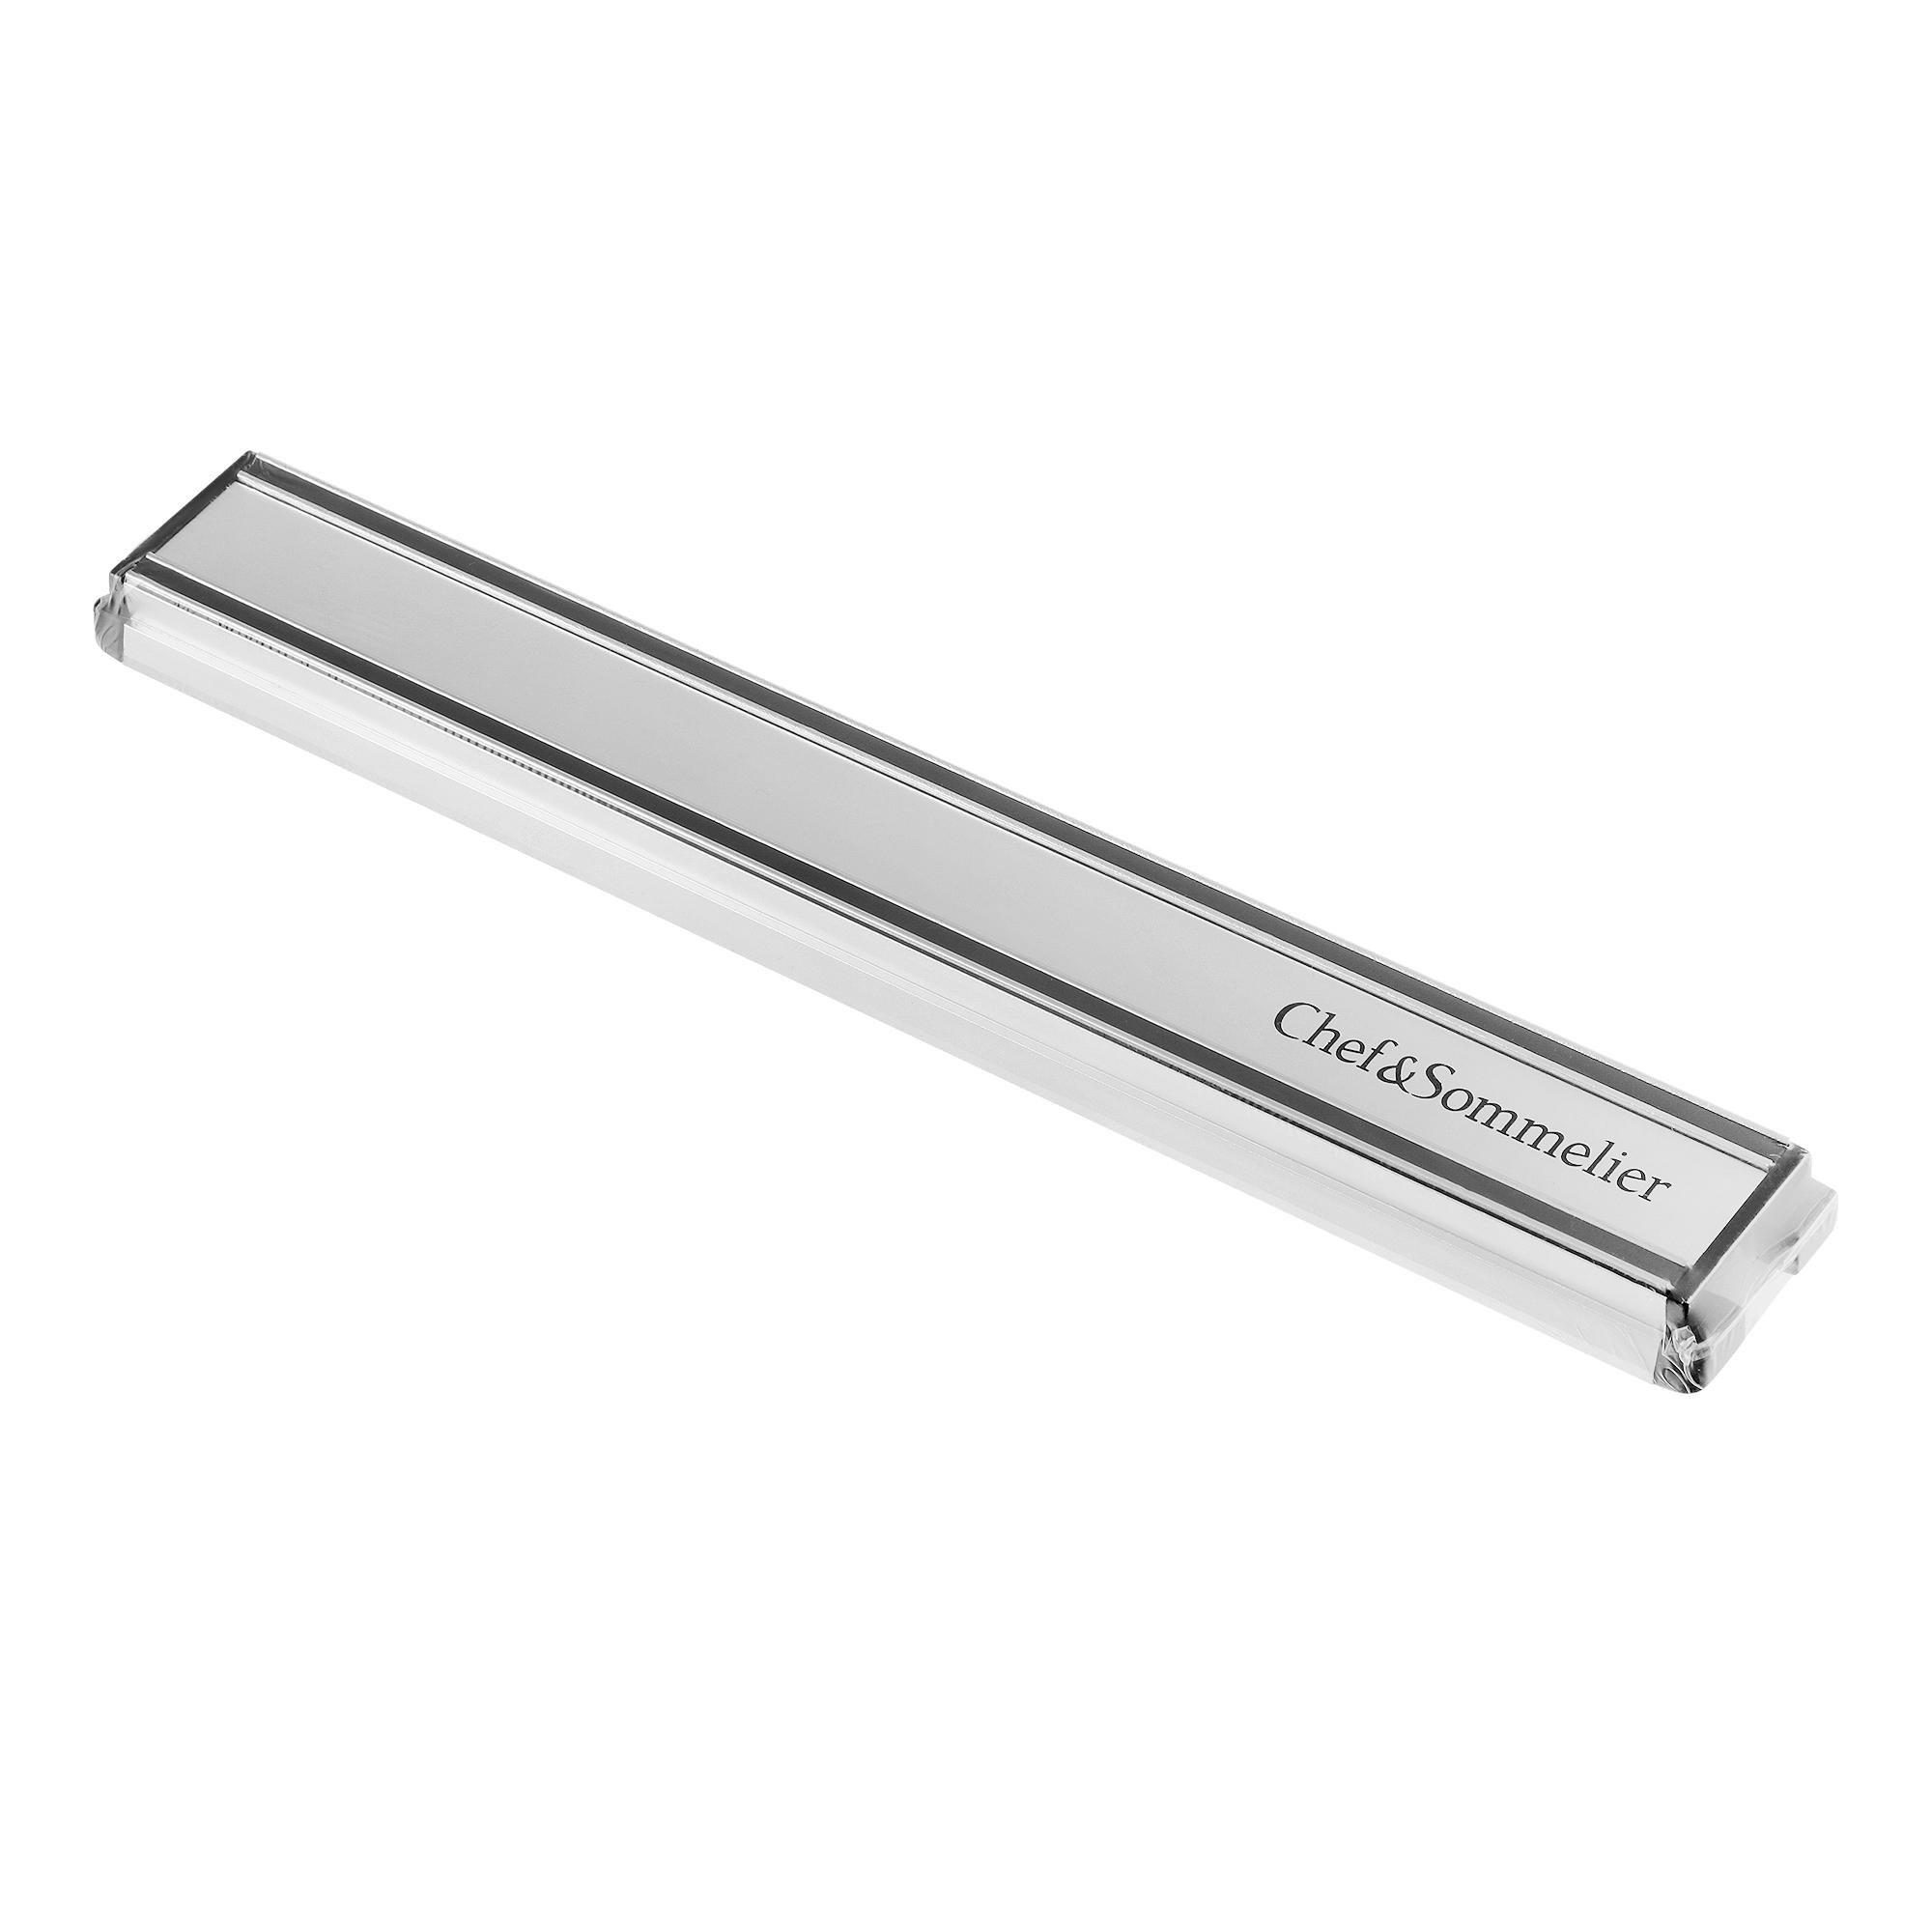 Фото - Держатель магнитный Chef & sommelier алюминиевый для ножей магнитный держатель для ножей 45 см arcos varios 6926